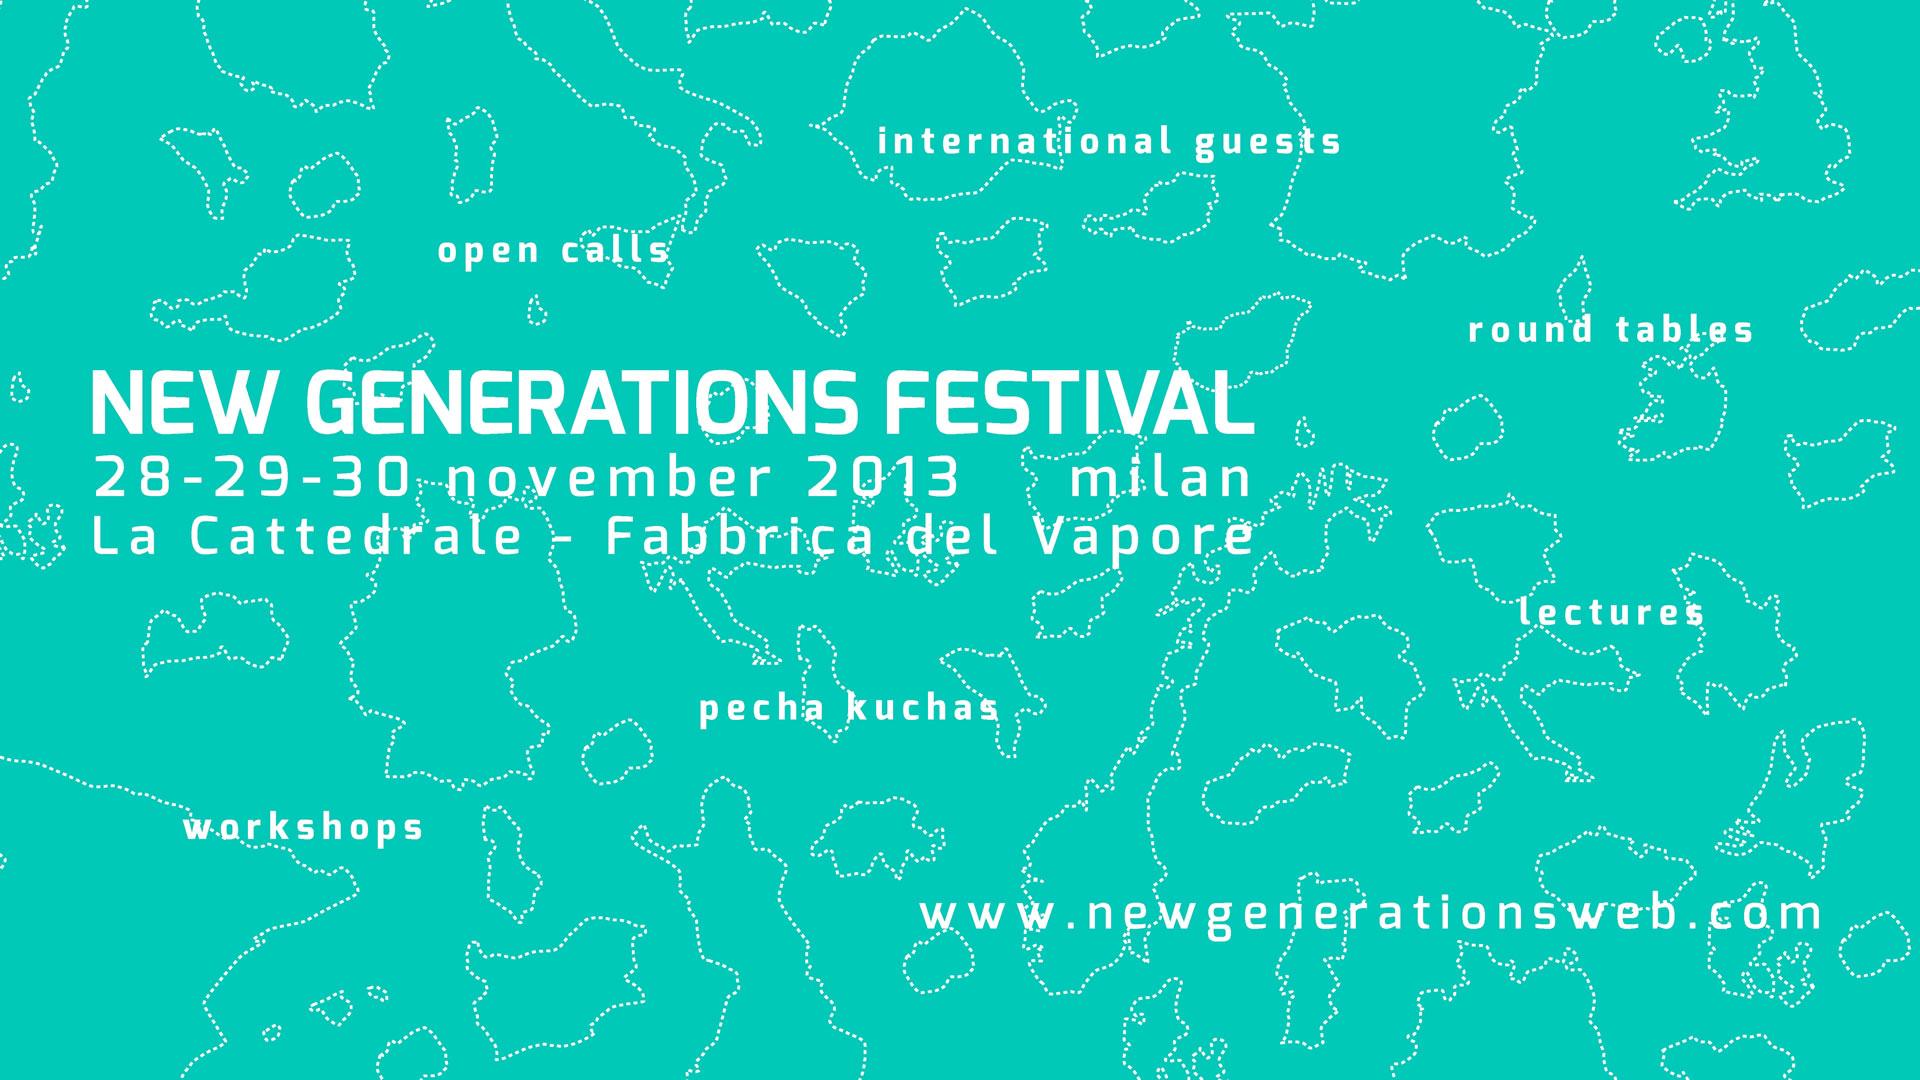 newgenerations-la-salle-bcn-NOV13